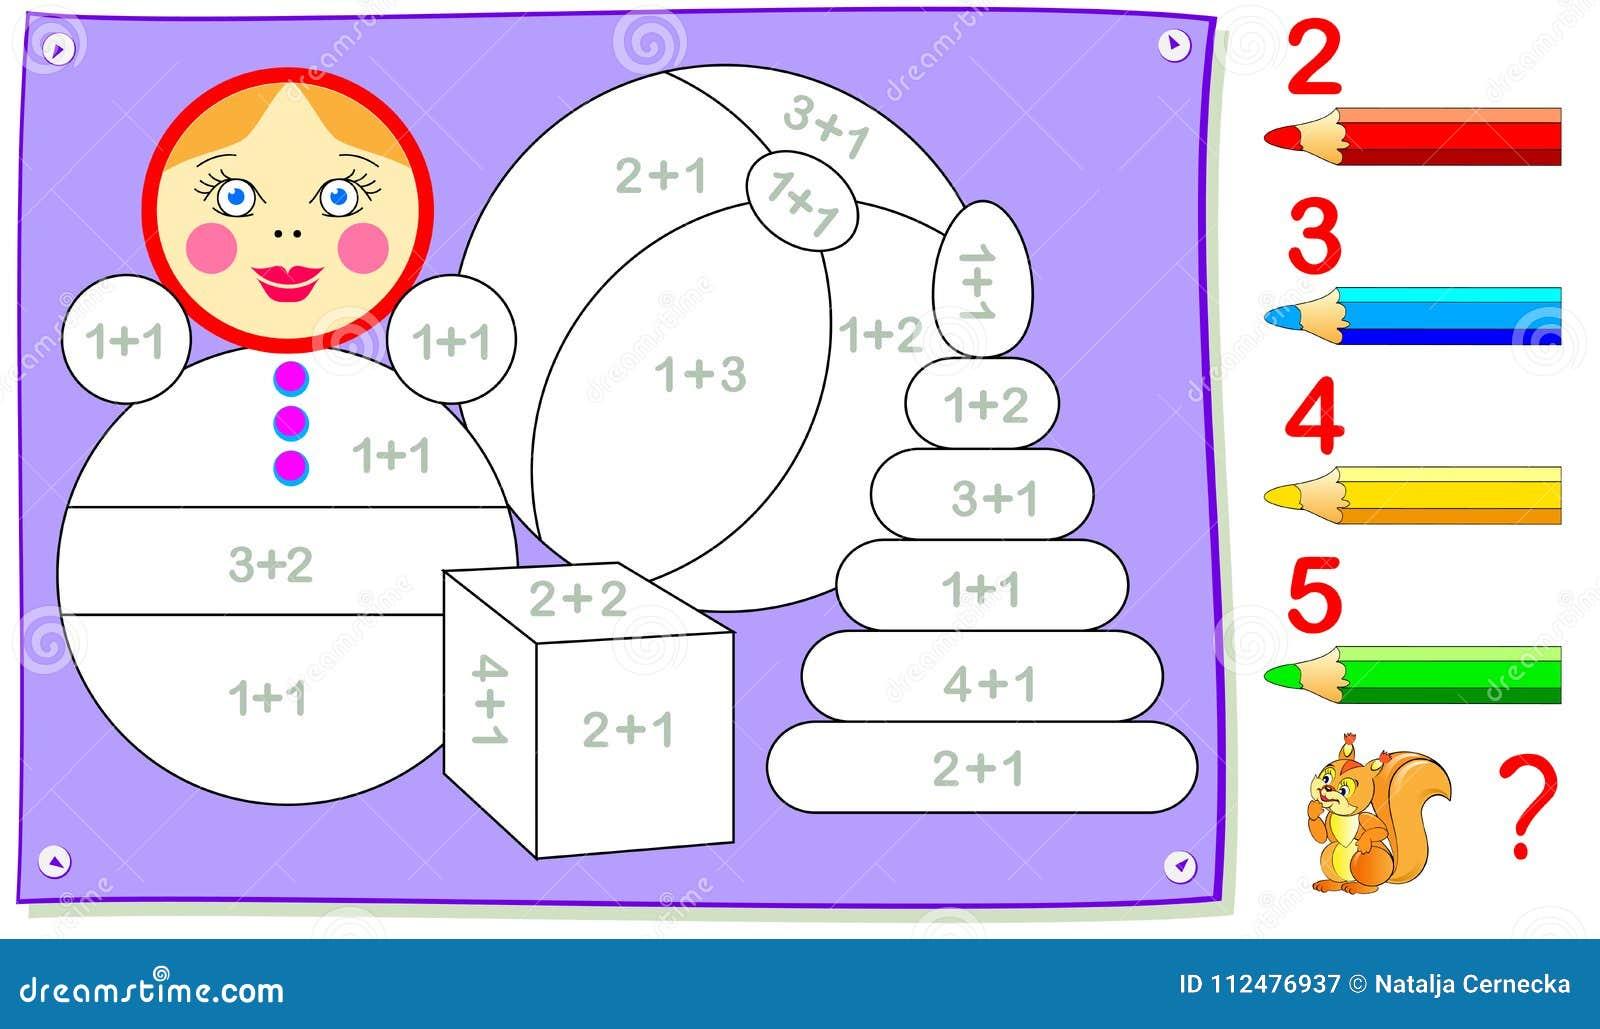 Encantador Niños Para Colorear Páginas Gratis Modelo - Ideas Para ...